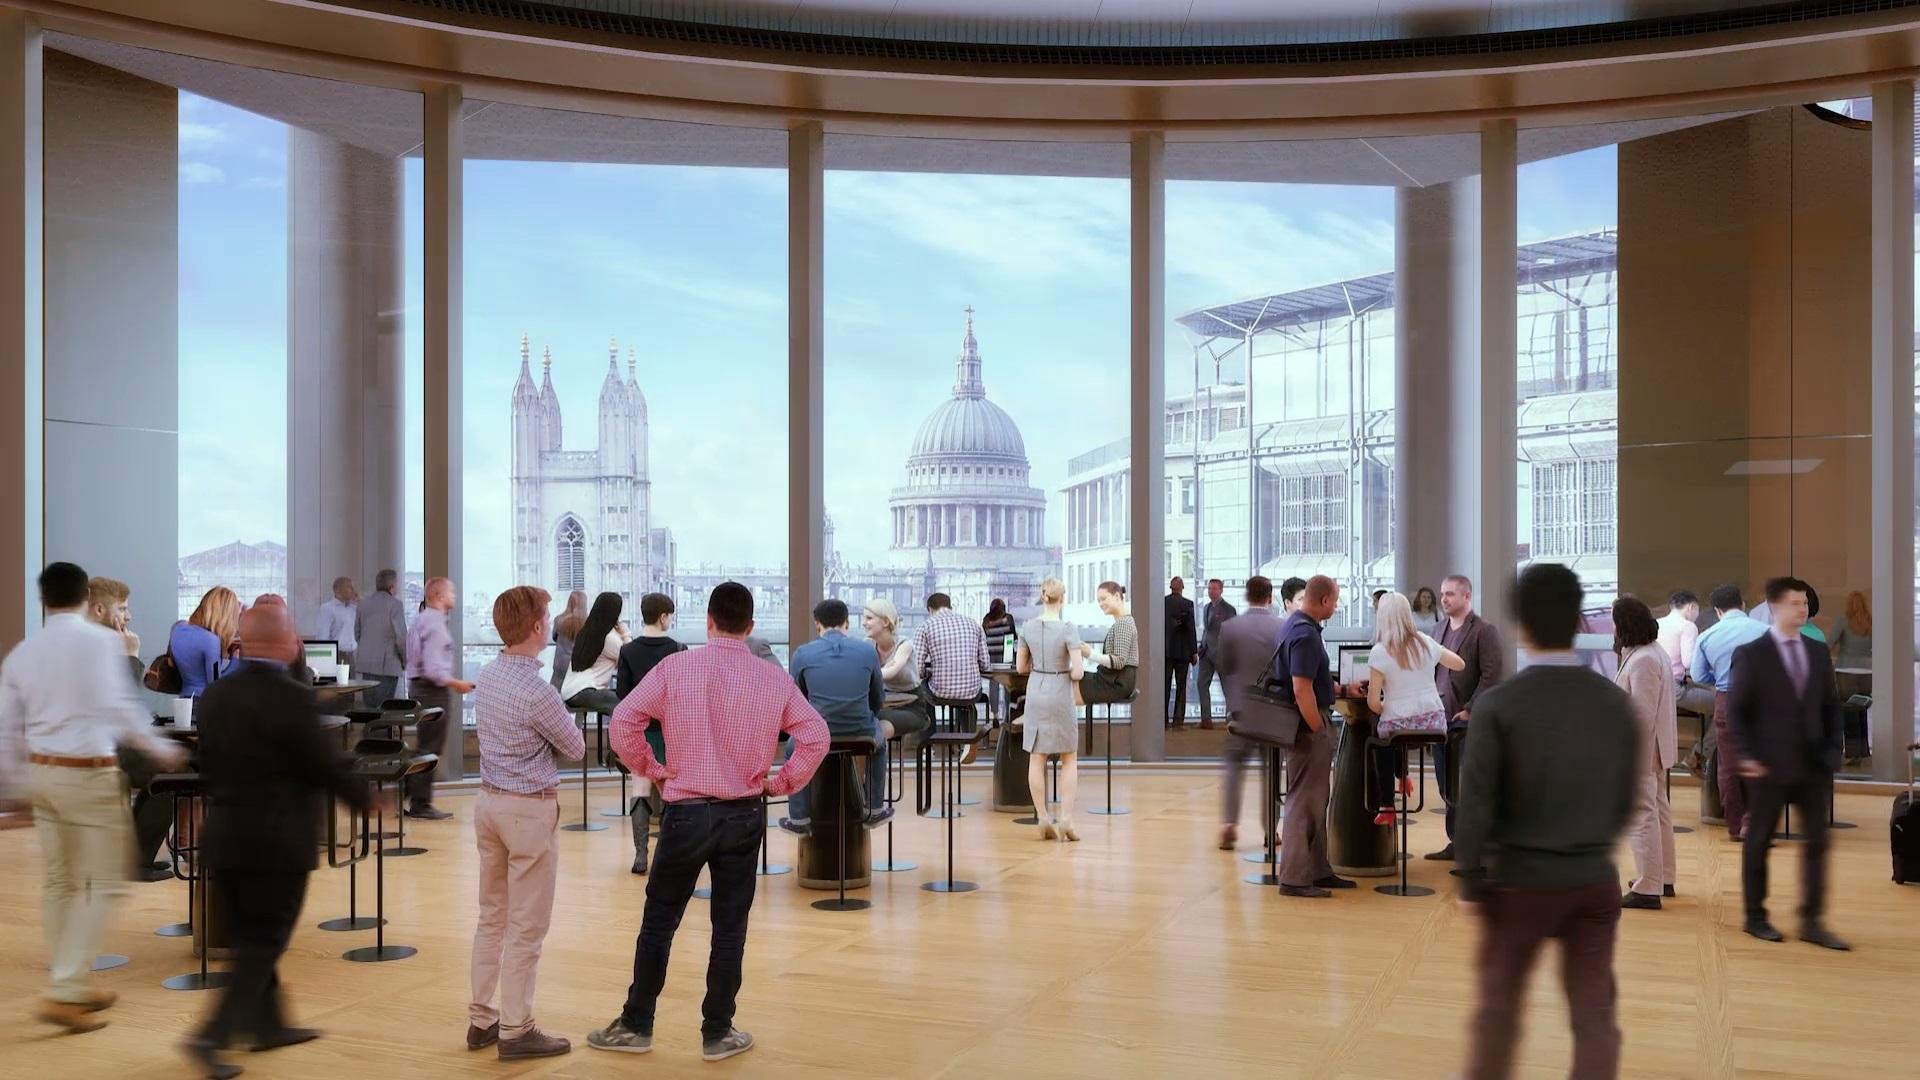 Офис находится в пешей доступности от таких знаменитых и старых зданий, как Банк Лондона и собор Святого Павла